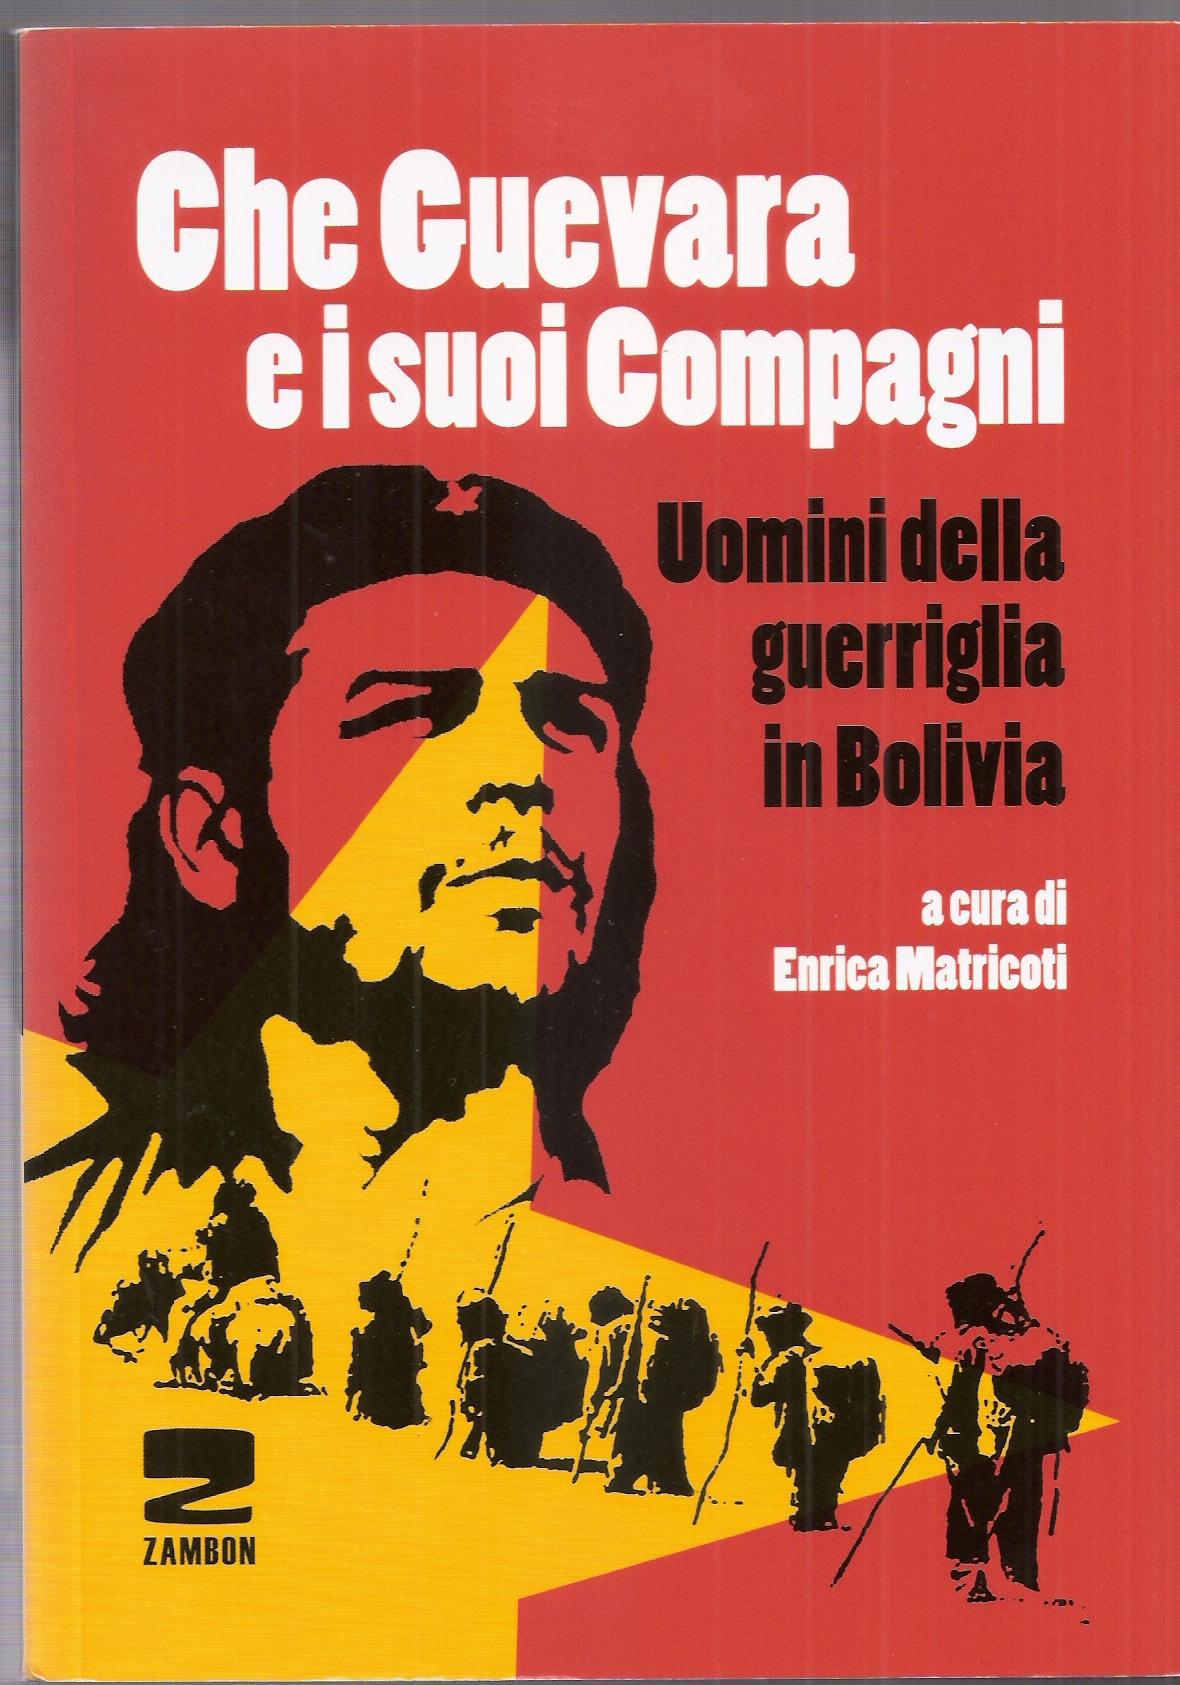 Che Guevara e i suoi compagni